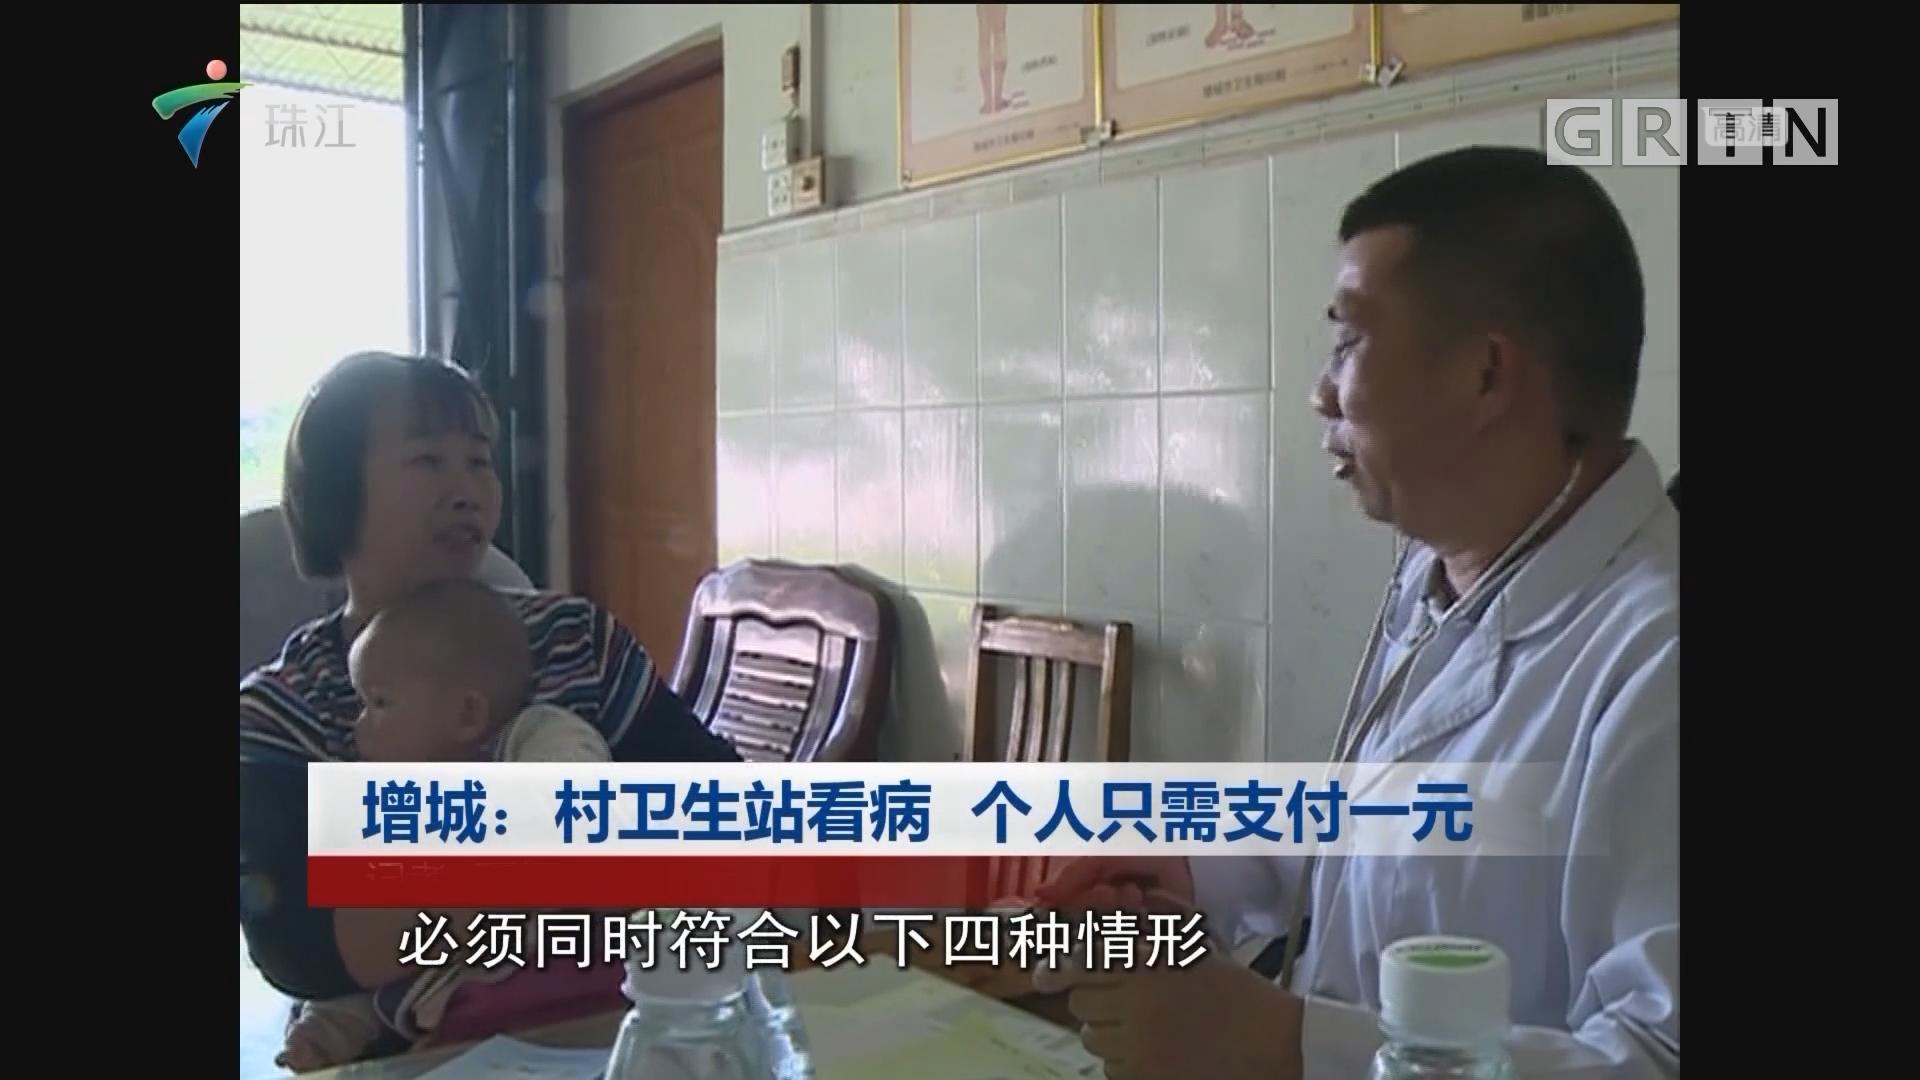 增城:村卫生站看病 个人只需支付一元